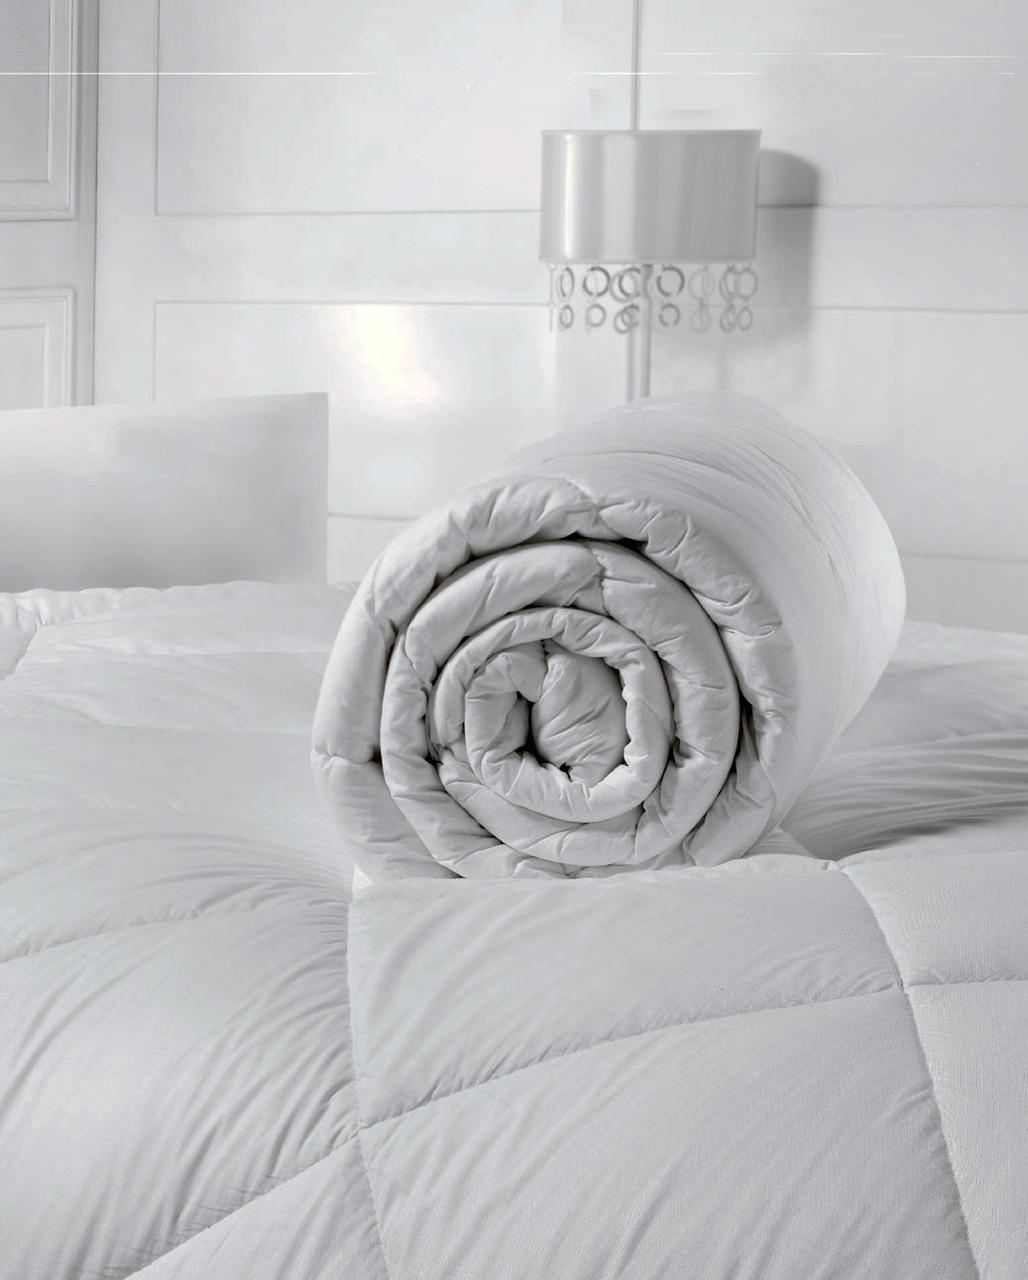 Одеяло стеганое  140х210 зимнее (плотность 300г/м2)